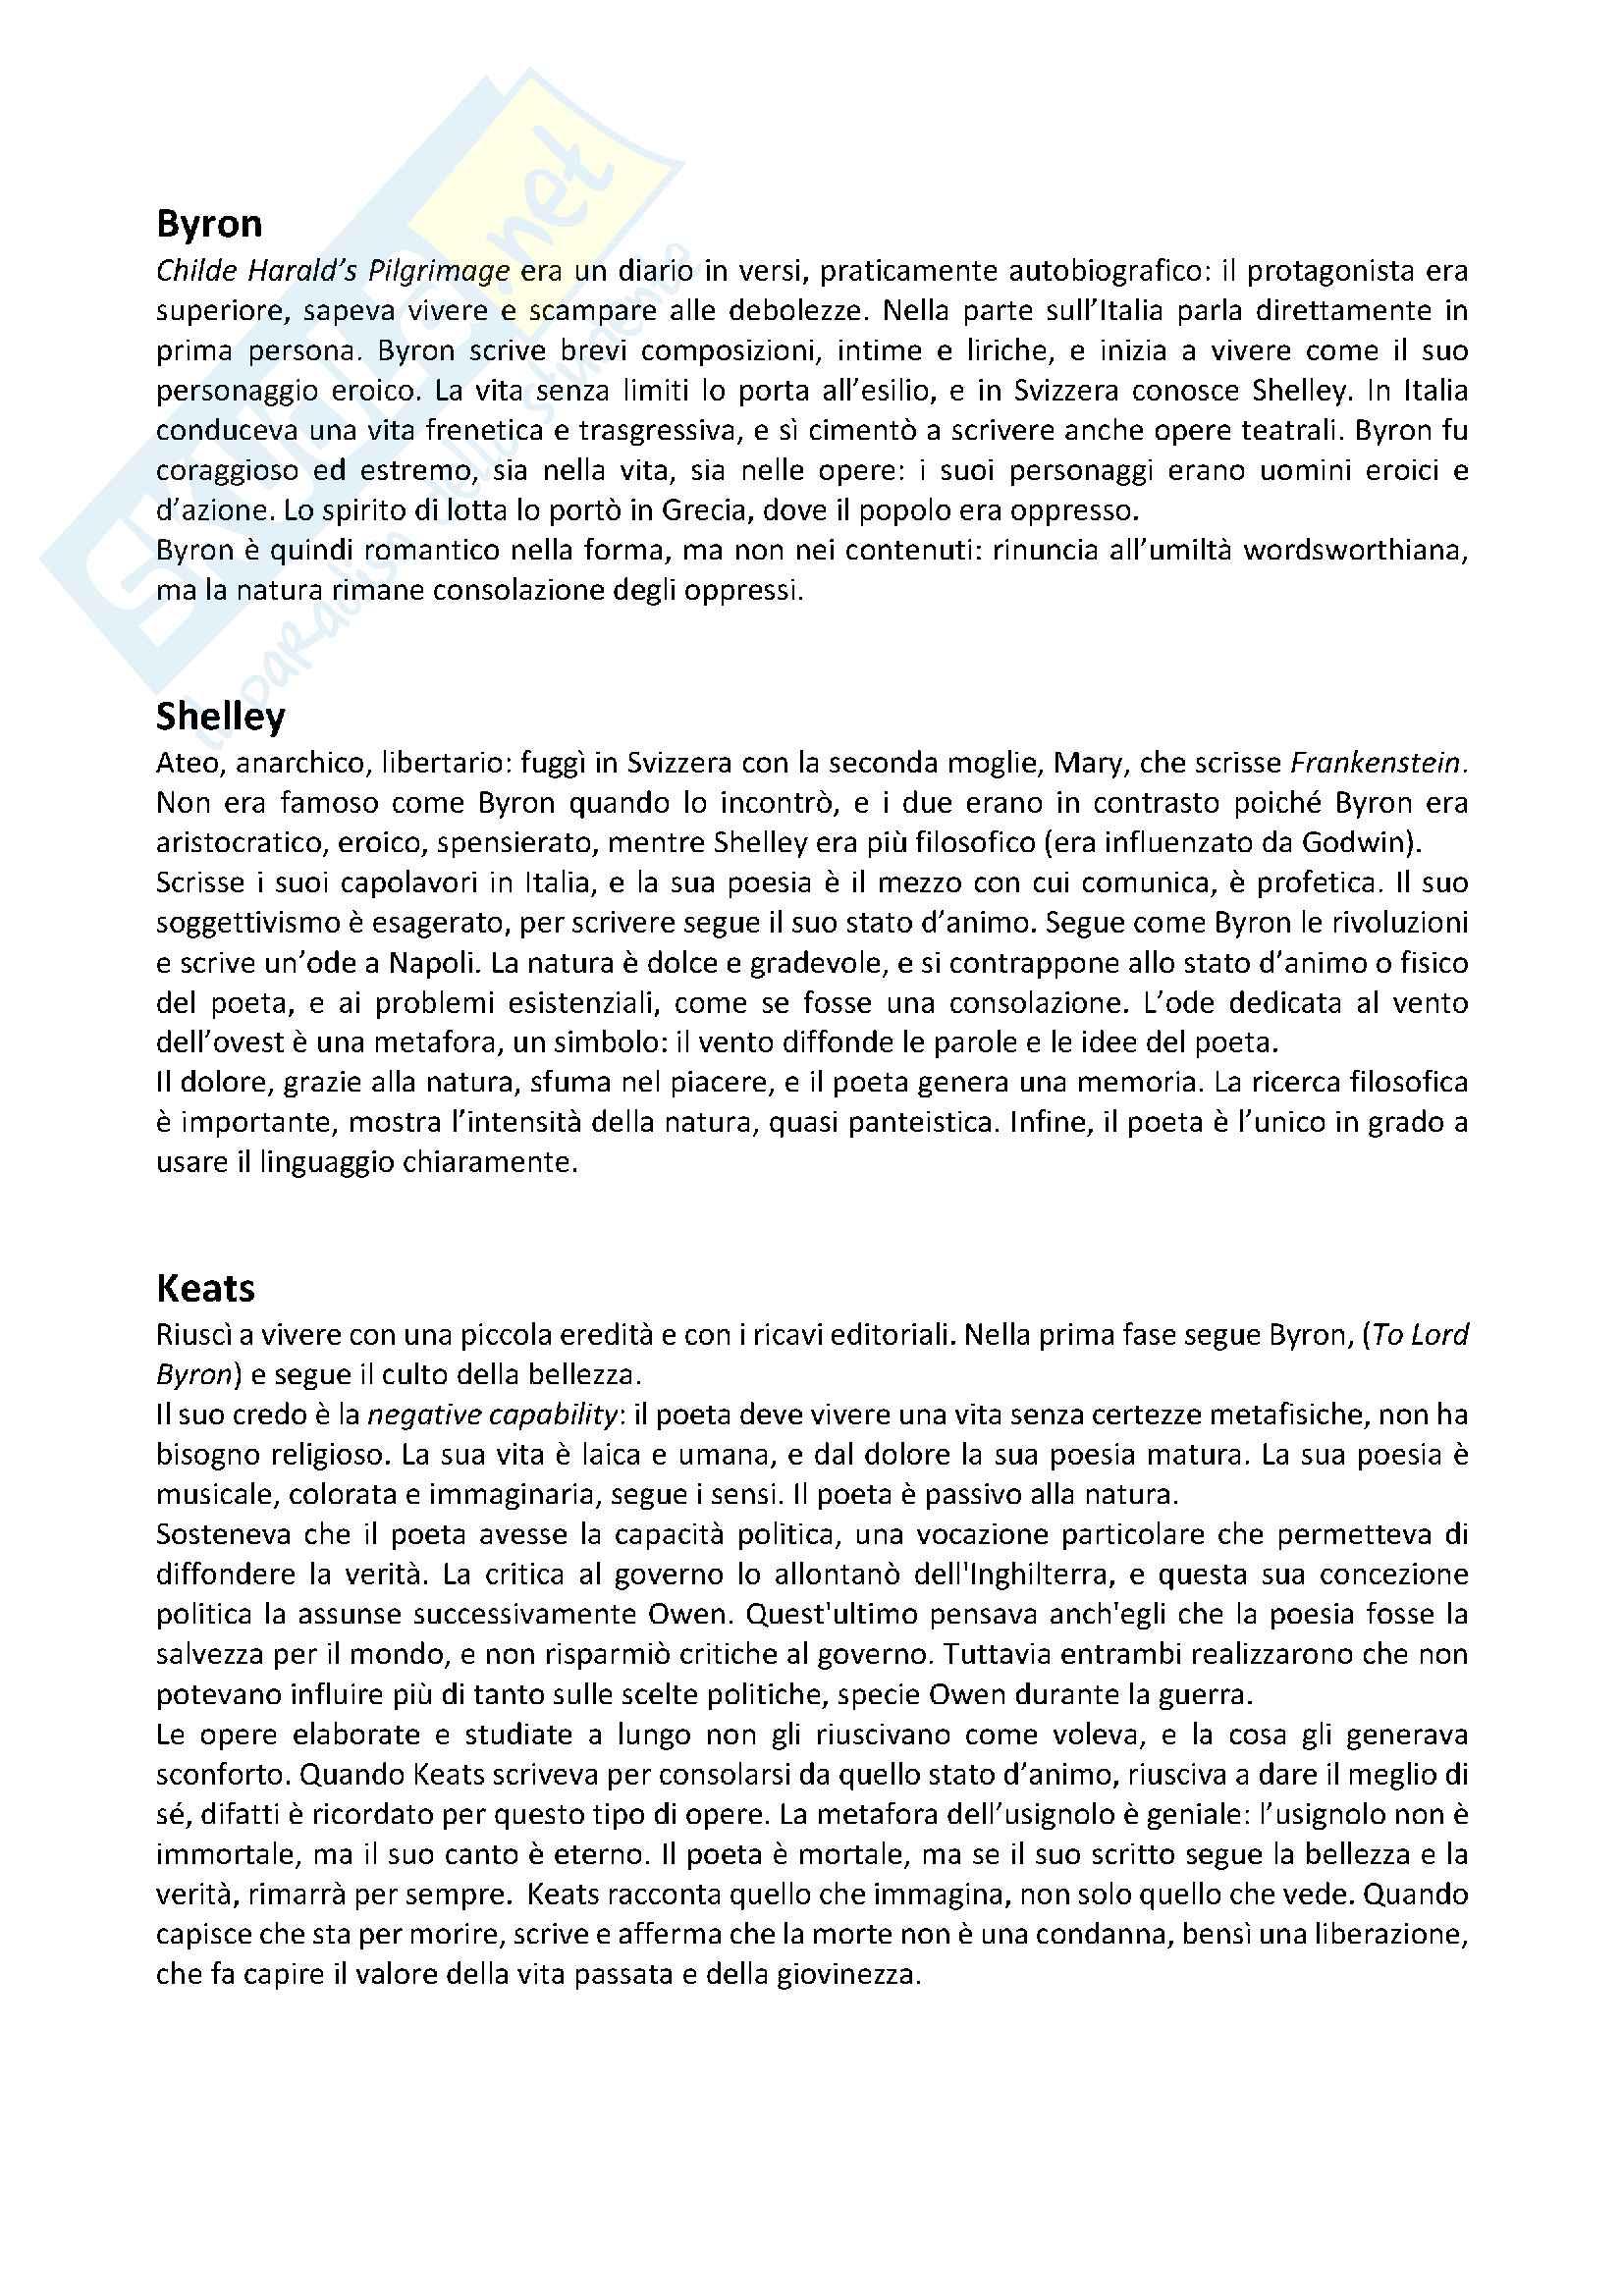 Appunti completi di letteratura inglese, riassunti e analisi delle poesie, prof Cifarelli Unige: poesia romantica vittoriana georgiana di guerra e modernista Pag. 21